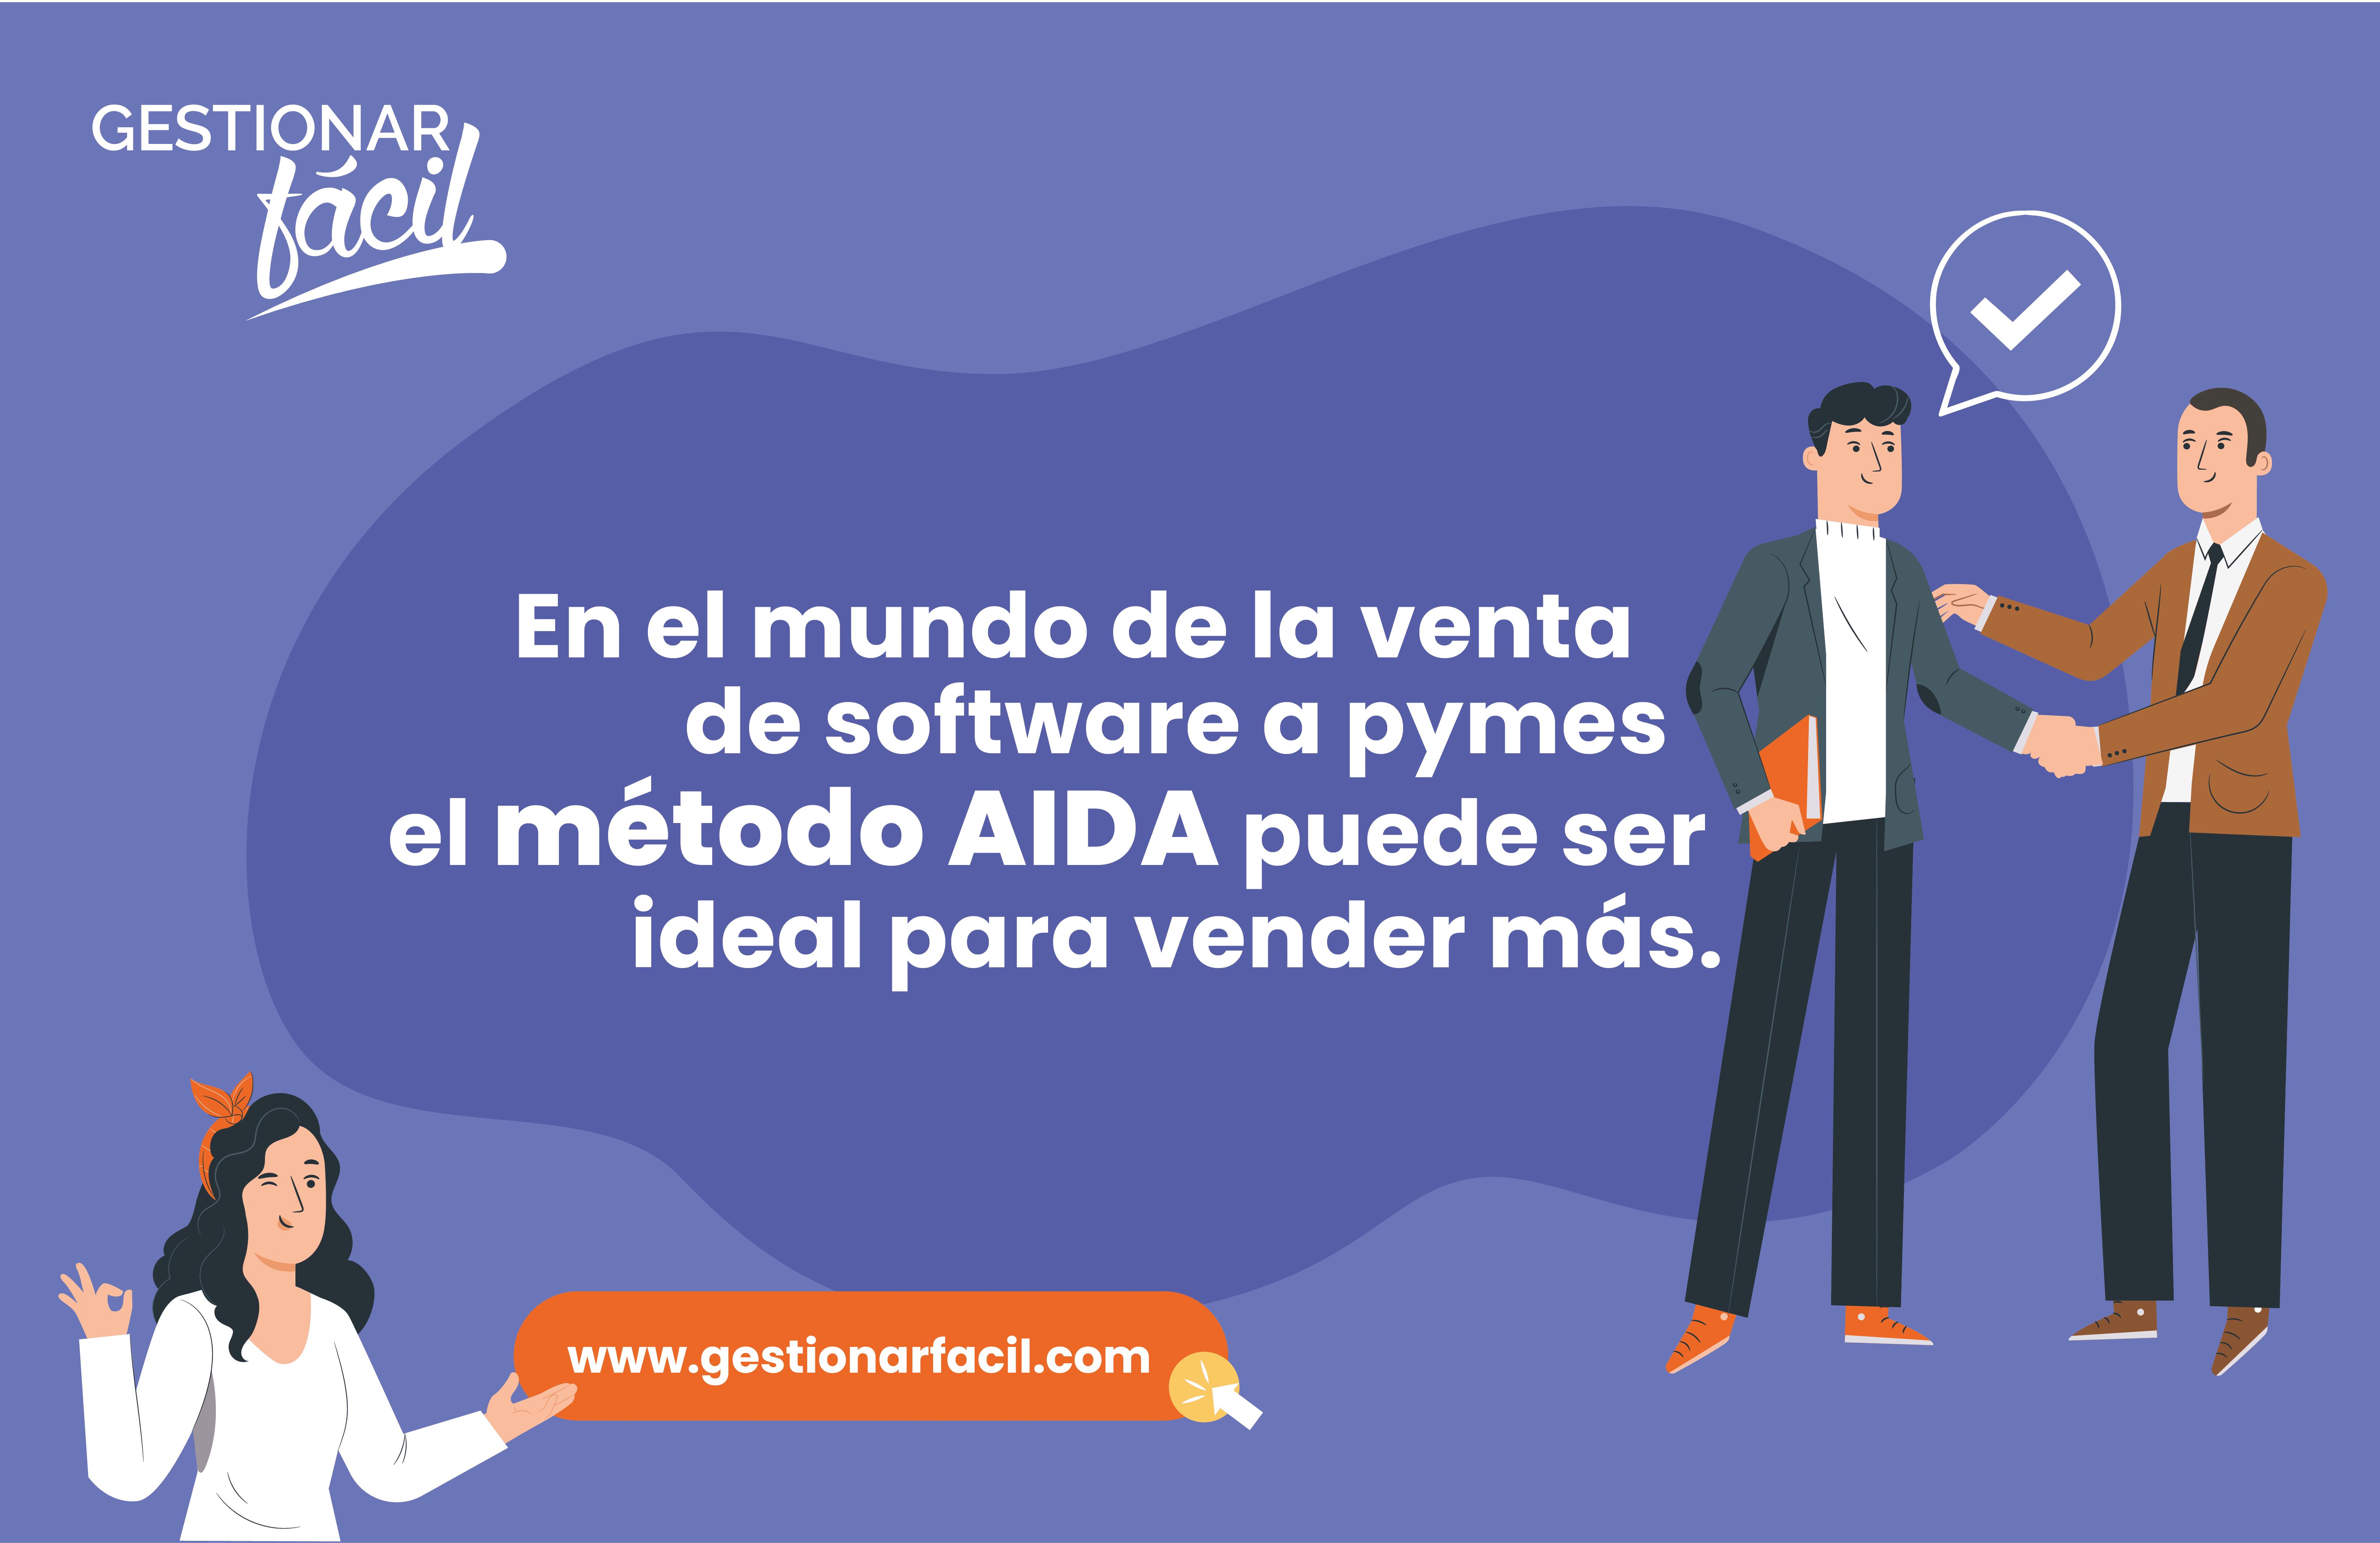 En el mundo de la venta de software a pymes el método AIDA puede ser ideal para vender más.